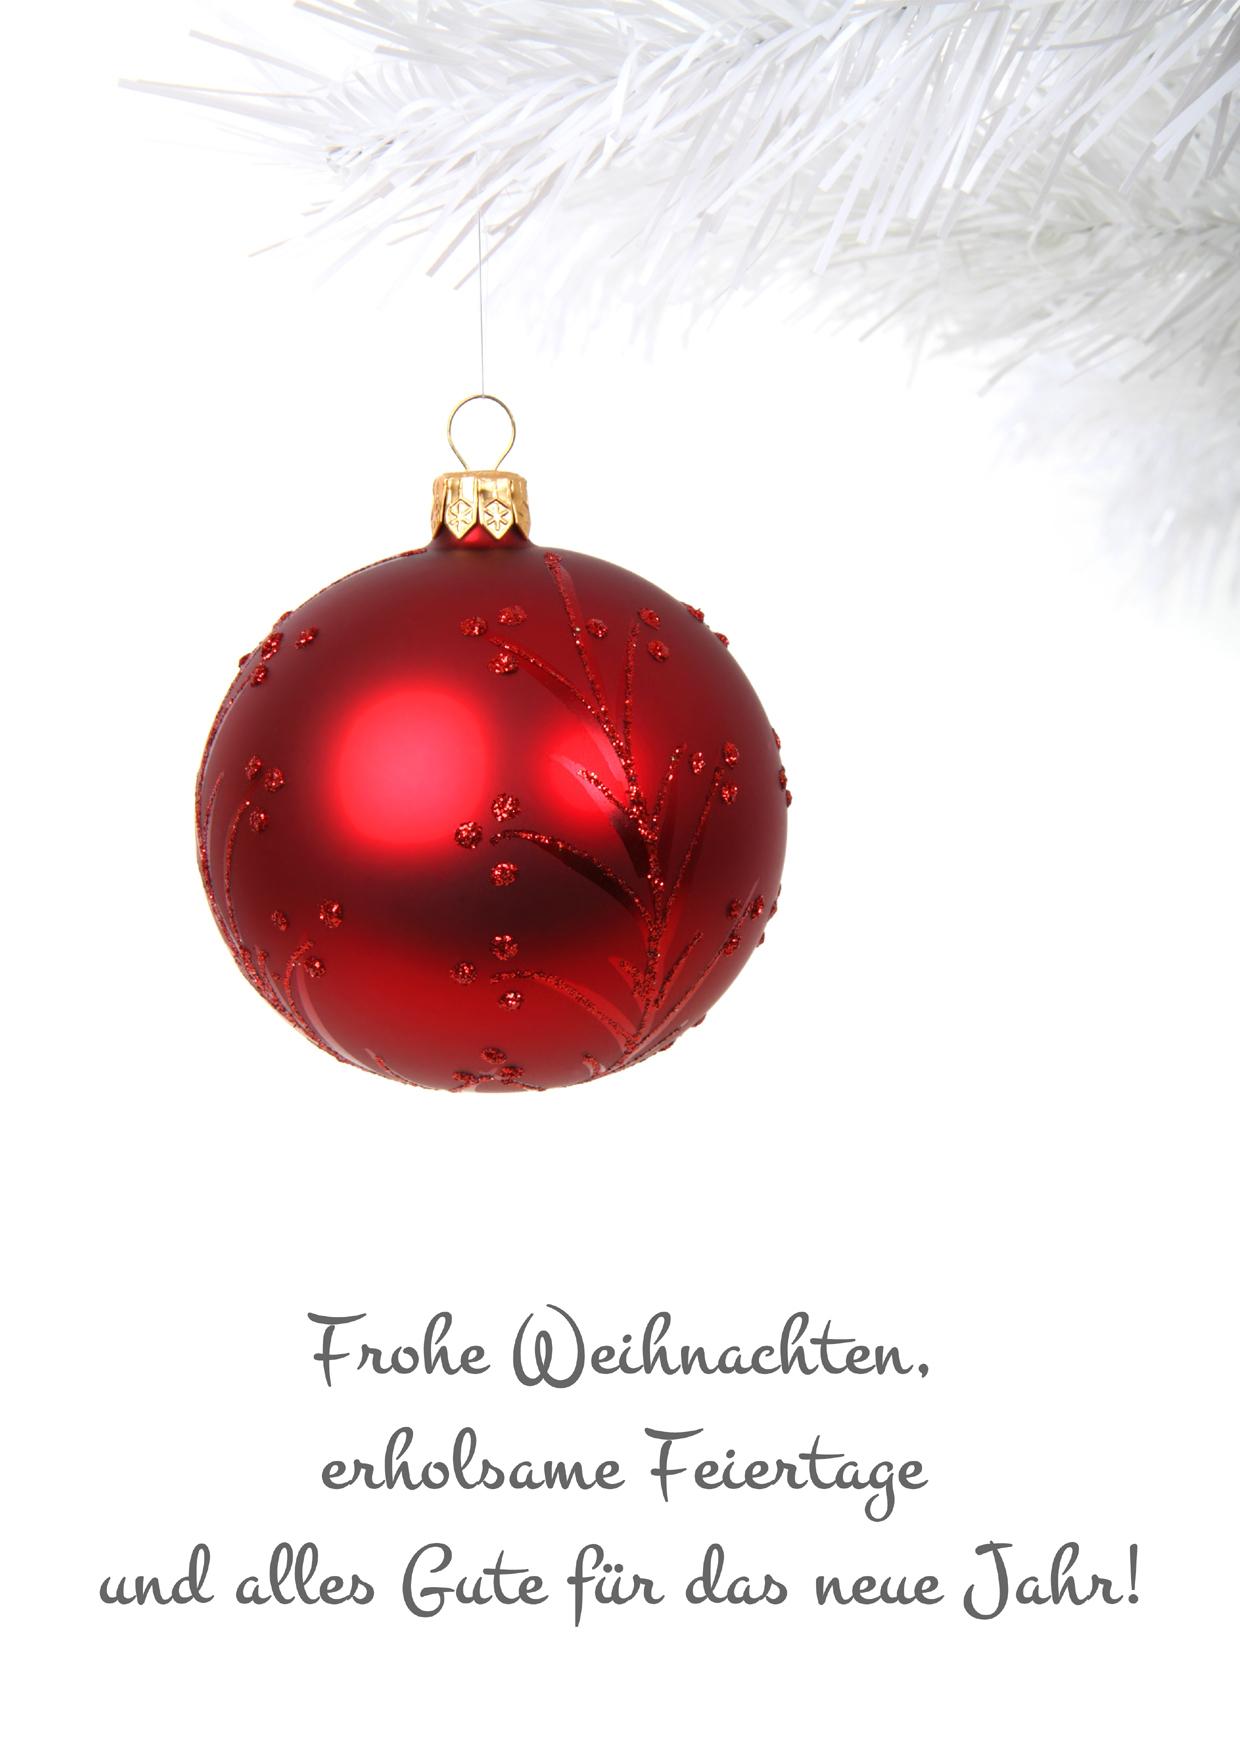 Kostenlose Weihnachtskarten-Kollektion Zum Ausdrucken ganzes Weihnachtskarten Zum Ausdrucken